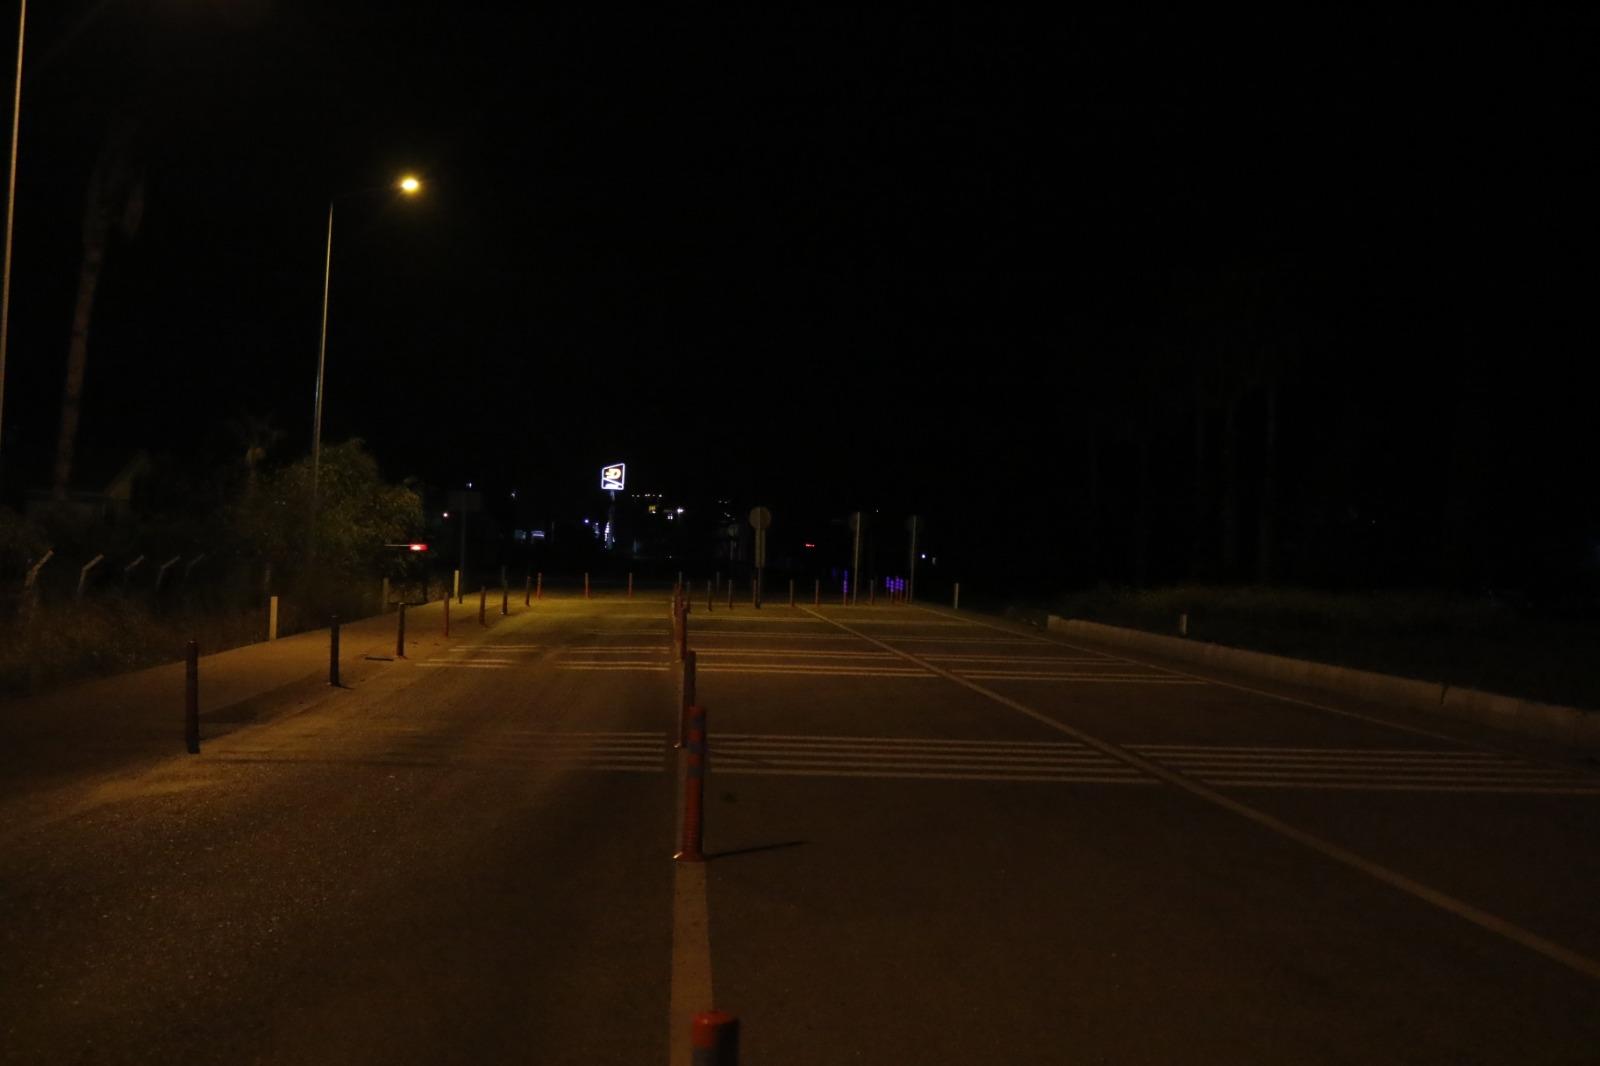 Antalya'ya giriş- çıkışlar yasaklandı: Araçlar şehre alınmayarak geri gönderildi